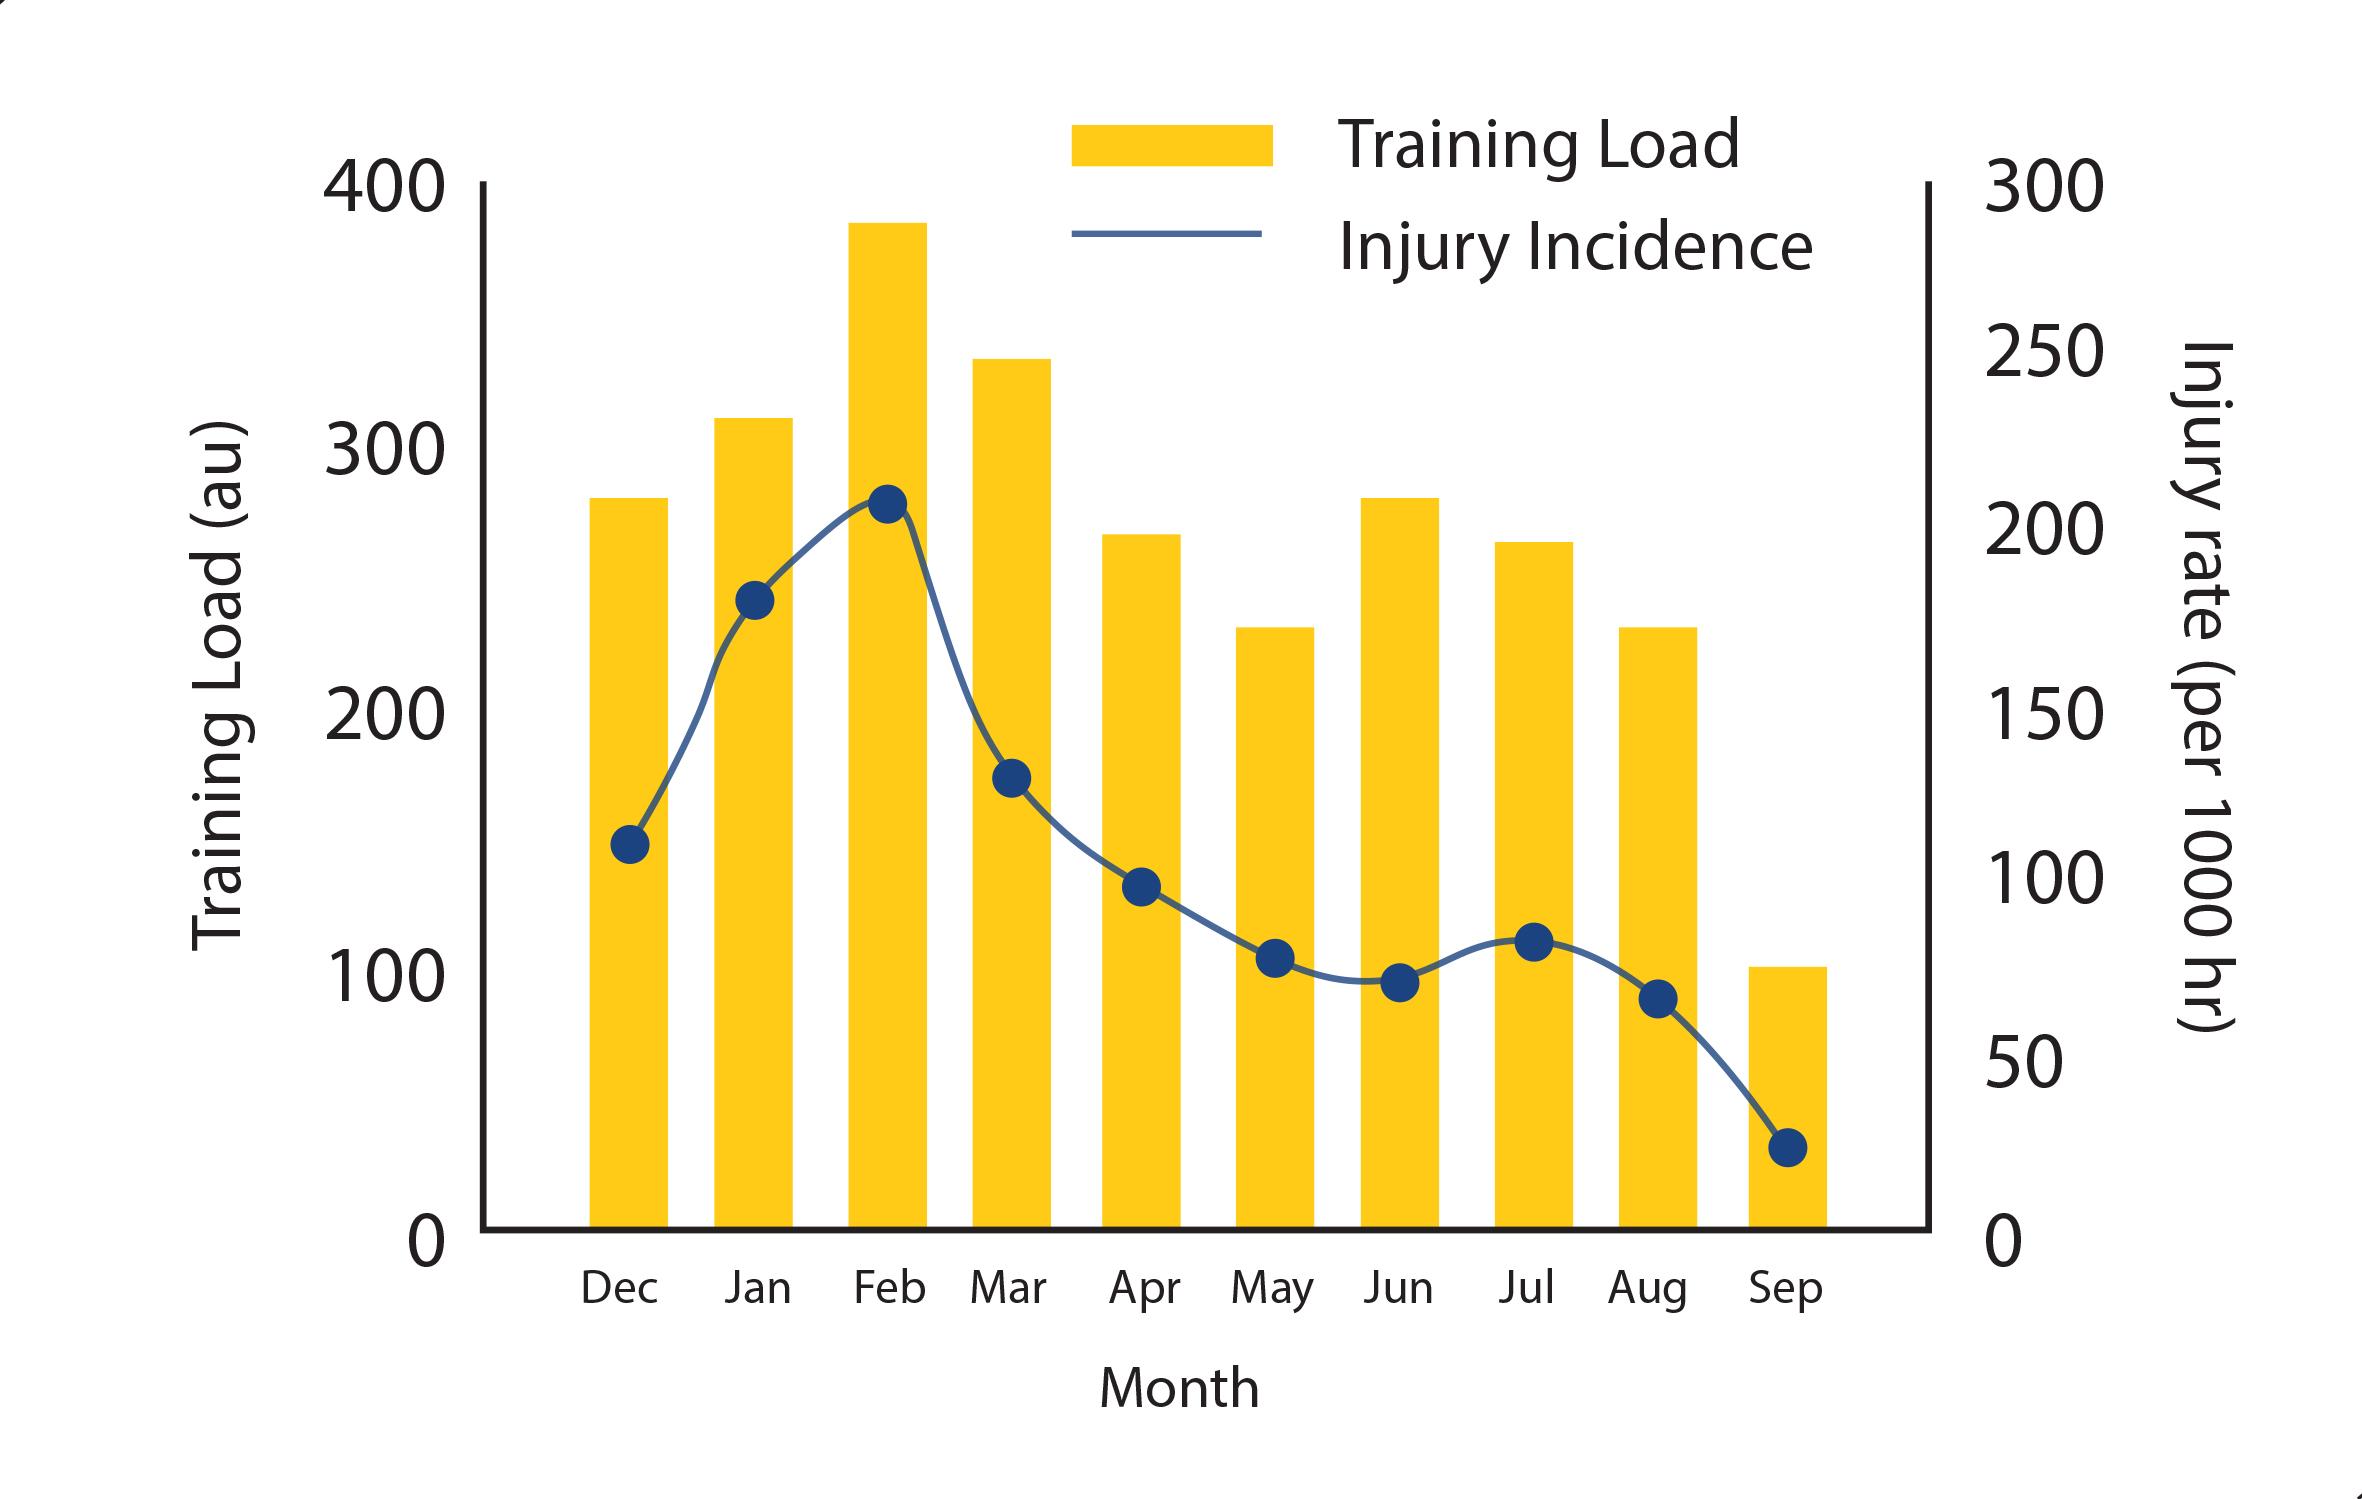 Figura 5. Relació entre càrregues d'entrenament, forma física, risc de lesió i rendiment. Model proposat per Orchard (2012).